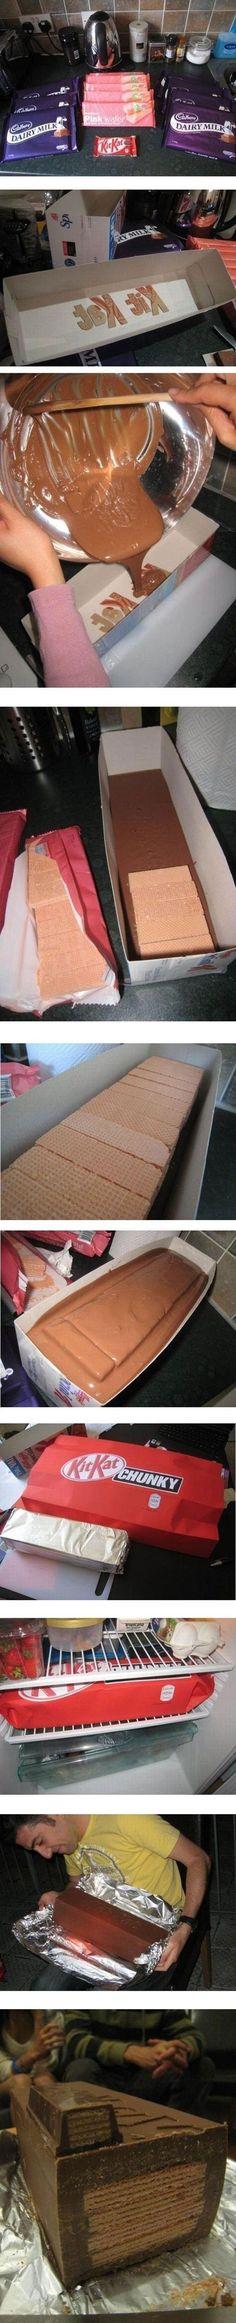 How to make a huge Kit Kat